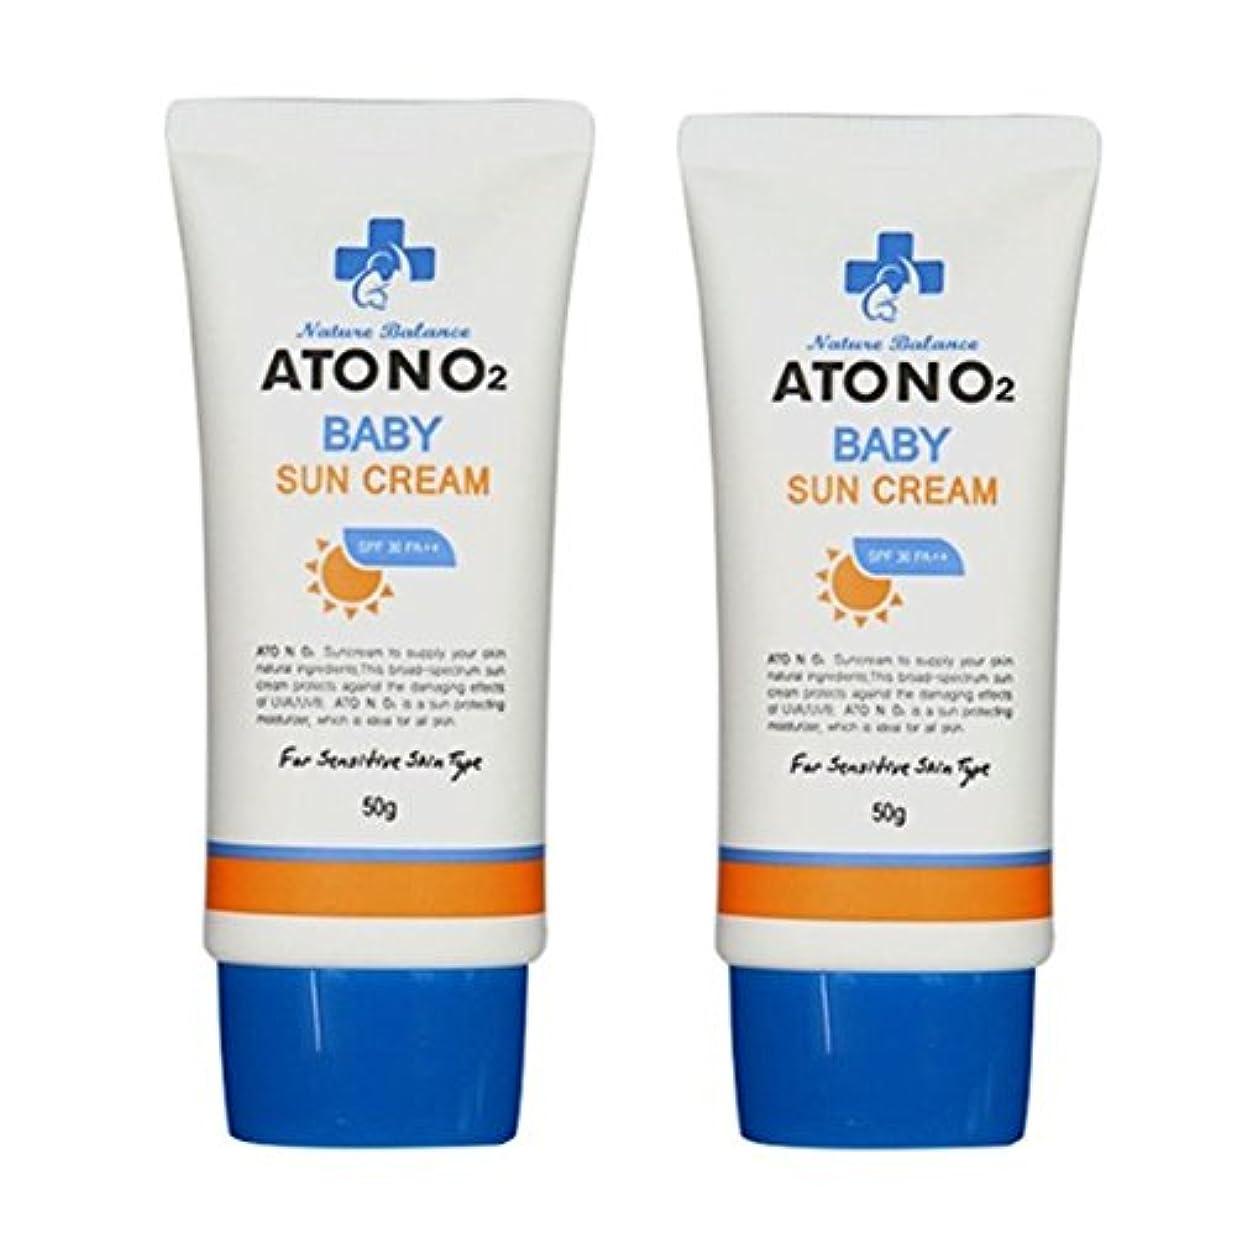 反発傑出したアームストロング(ATONO2) ベビーサン?クリーム (SPF30/PA++) 50g x 2本セット ATONO2 Baby Sun Cream (SPF30/PA++) 50g x 2ea Set [並行輸入品]